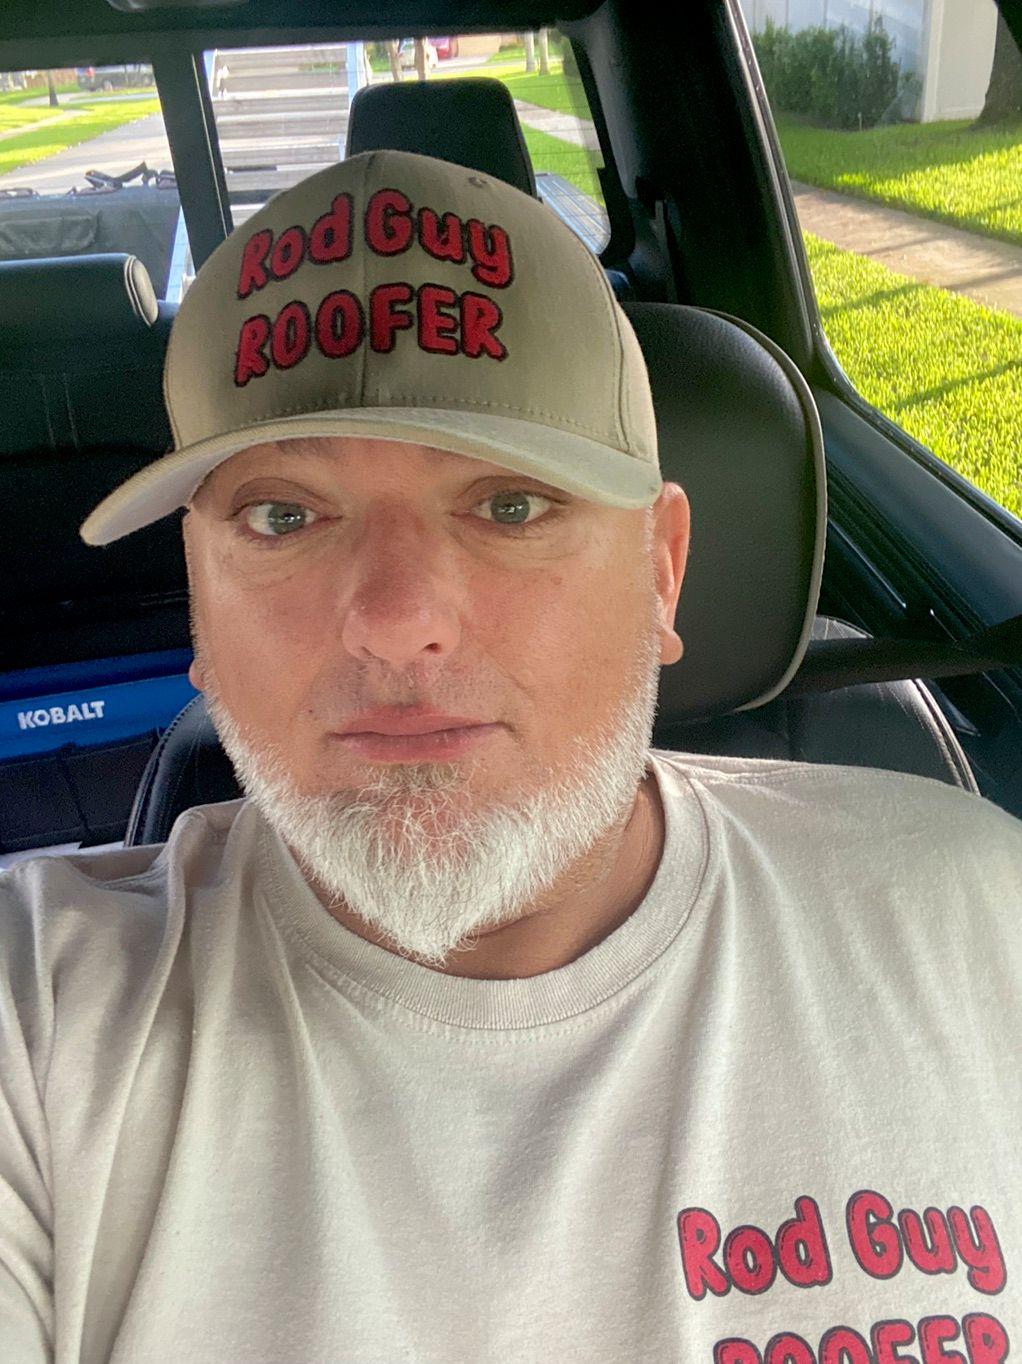 Rod Guy Roofer